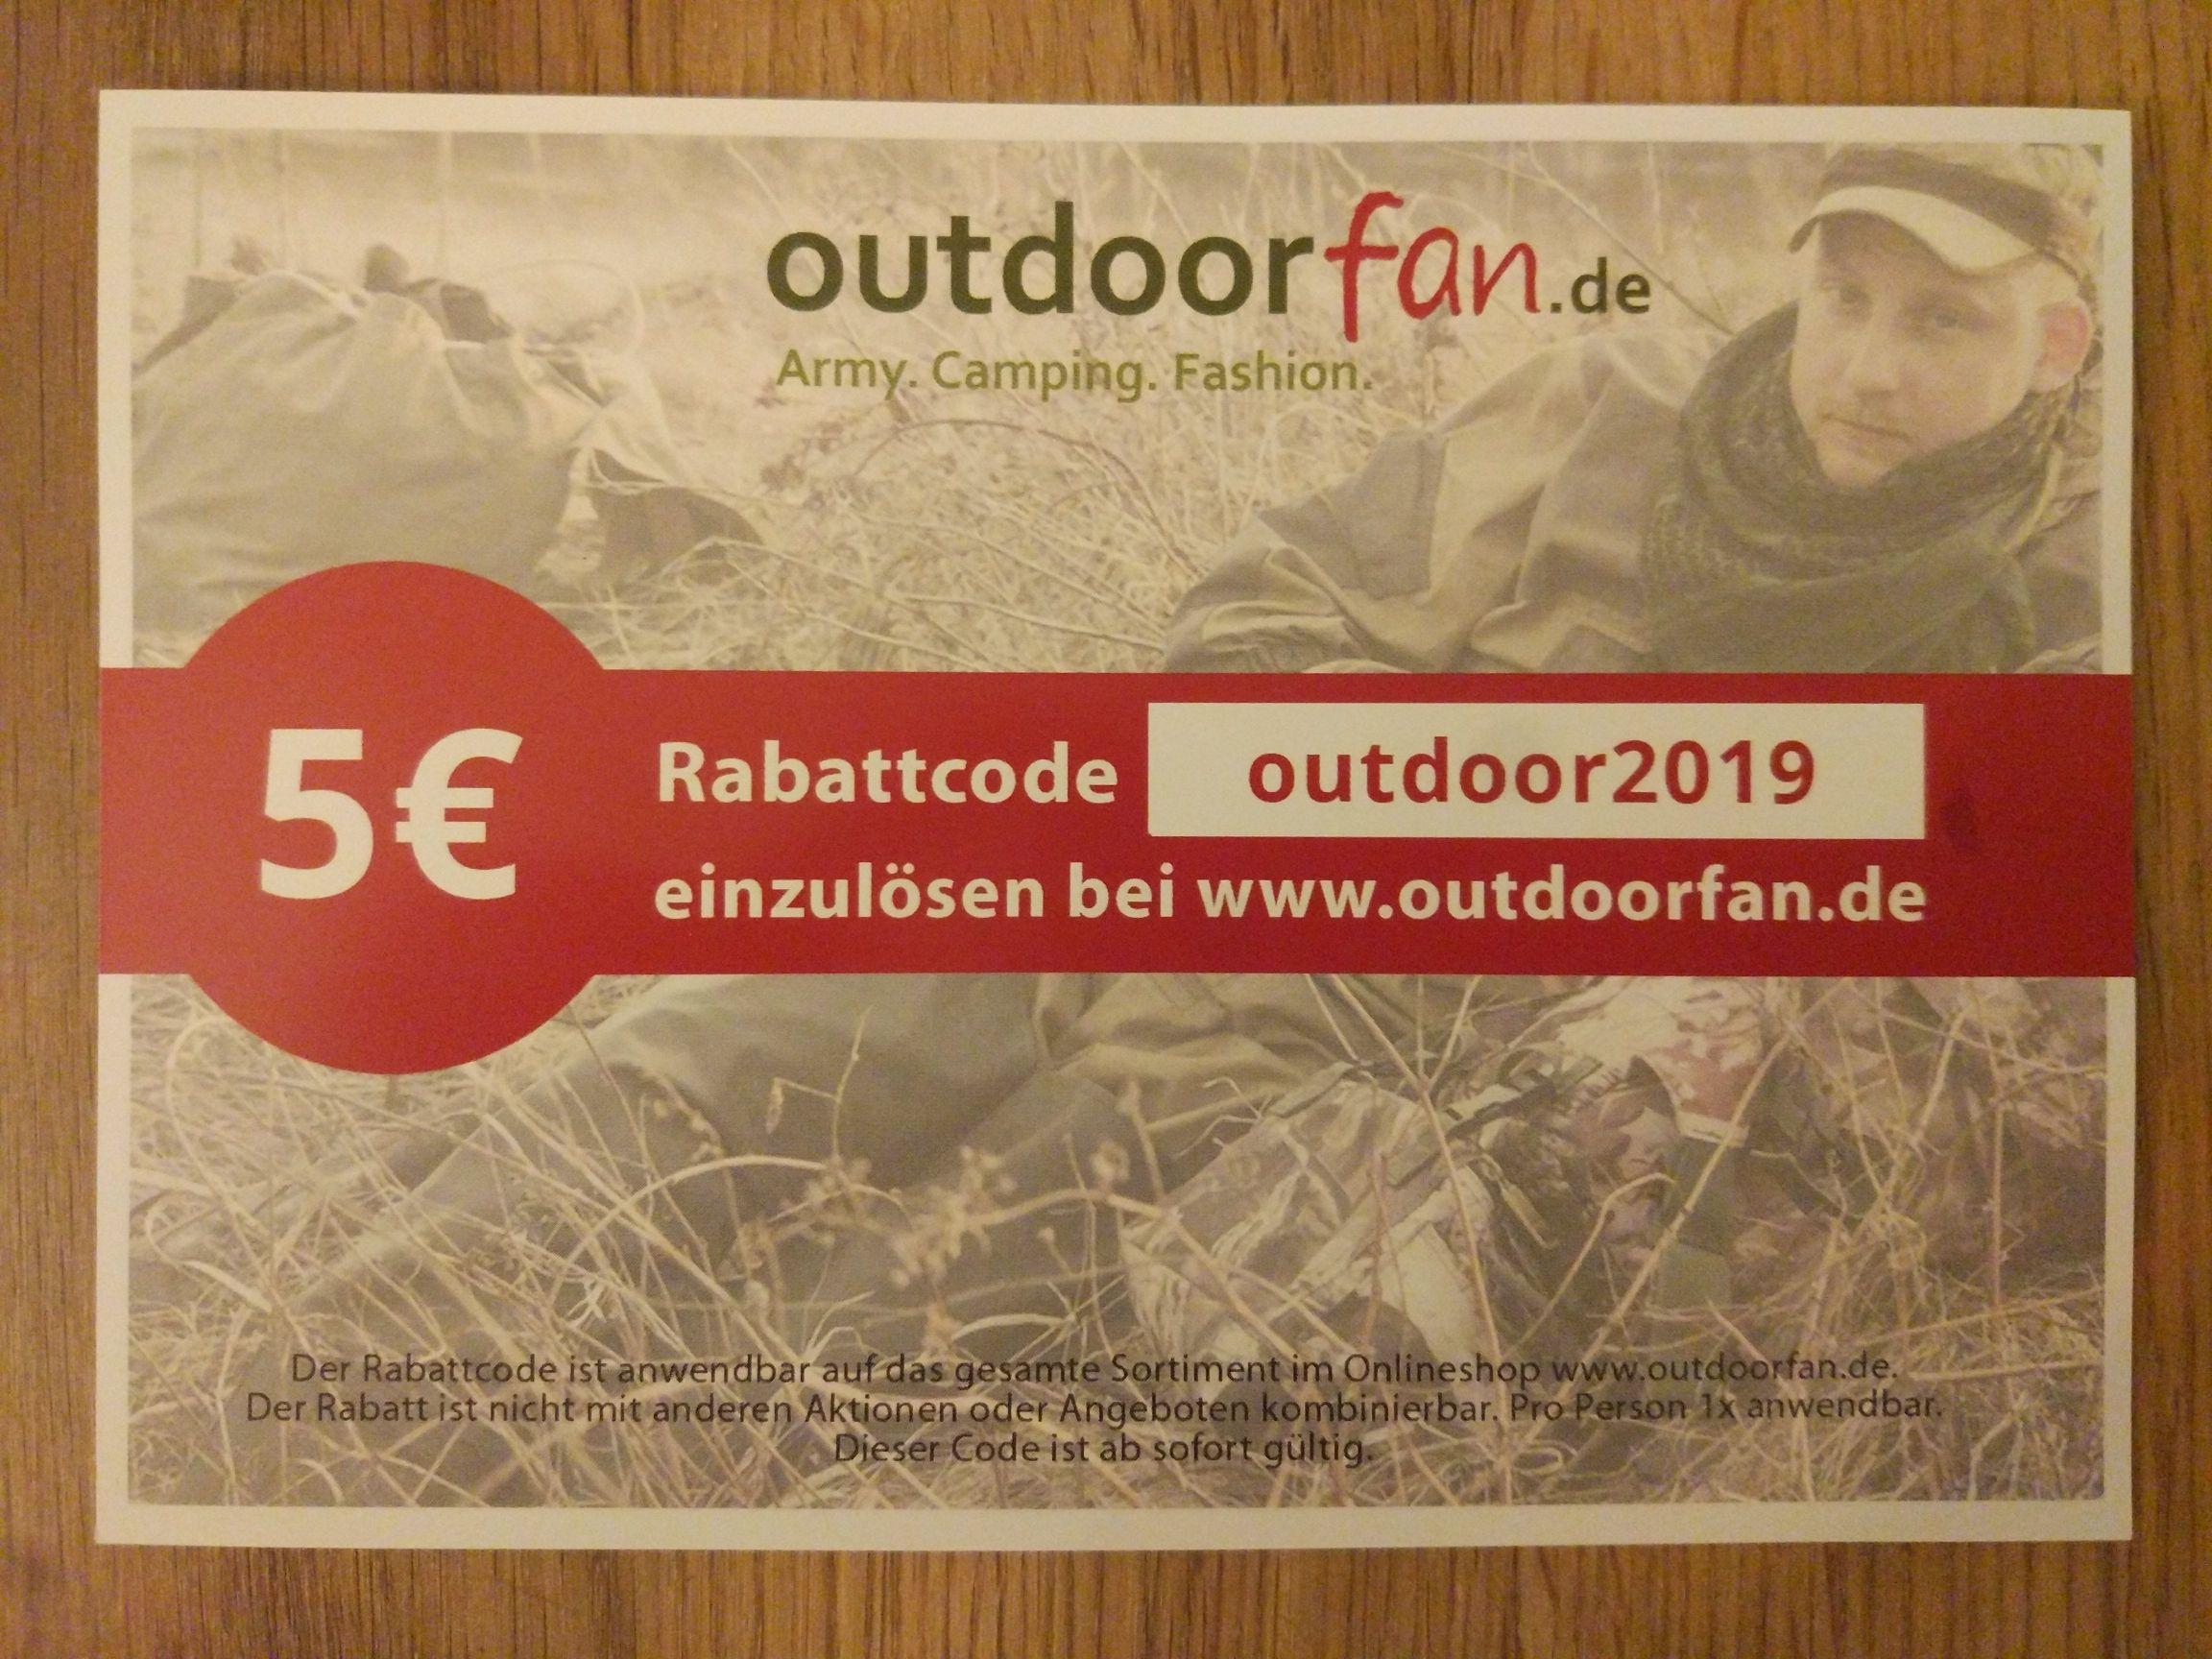 5€ Rabattcode bei outdoorfan.de